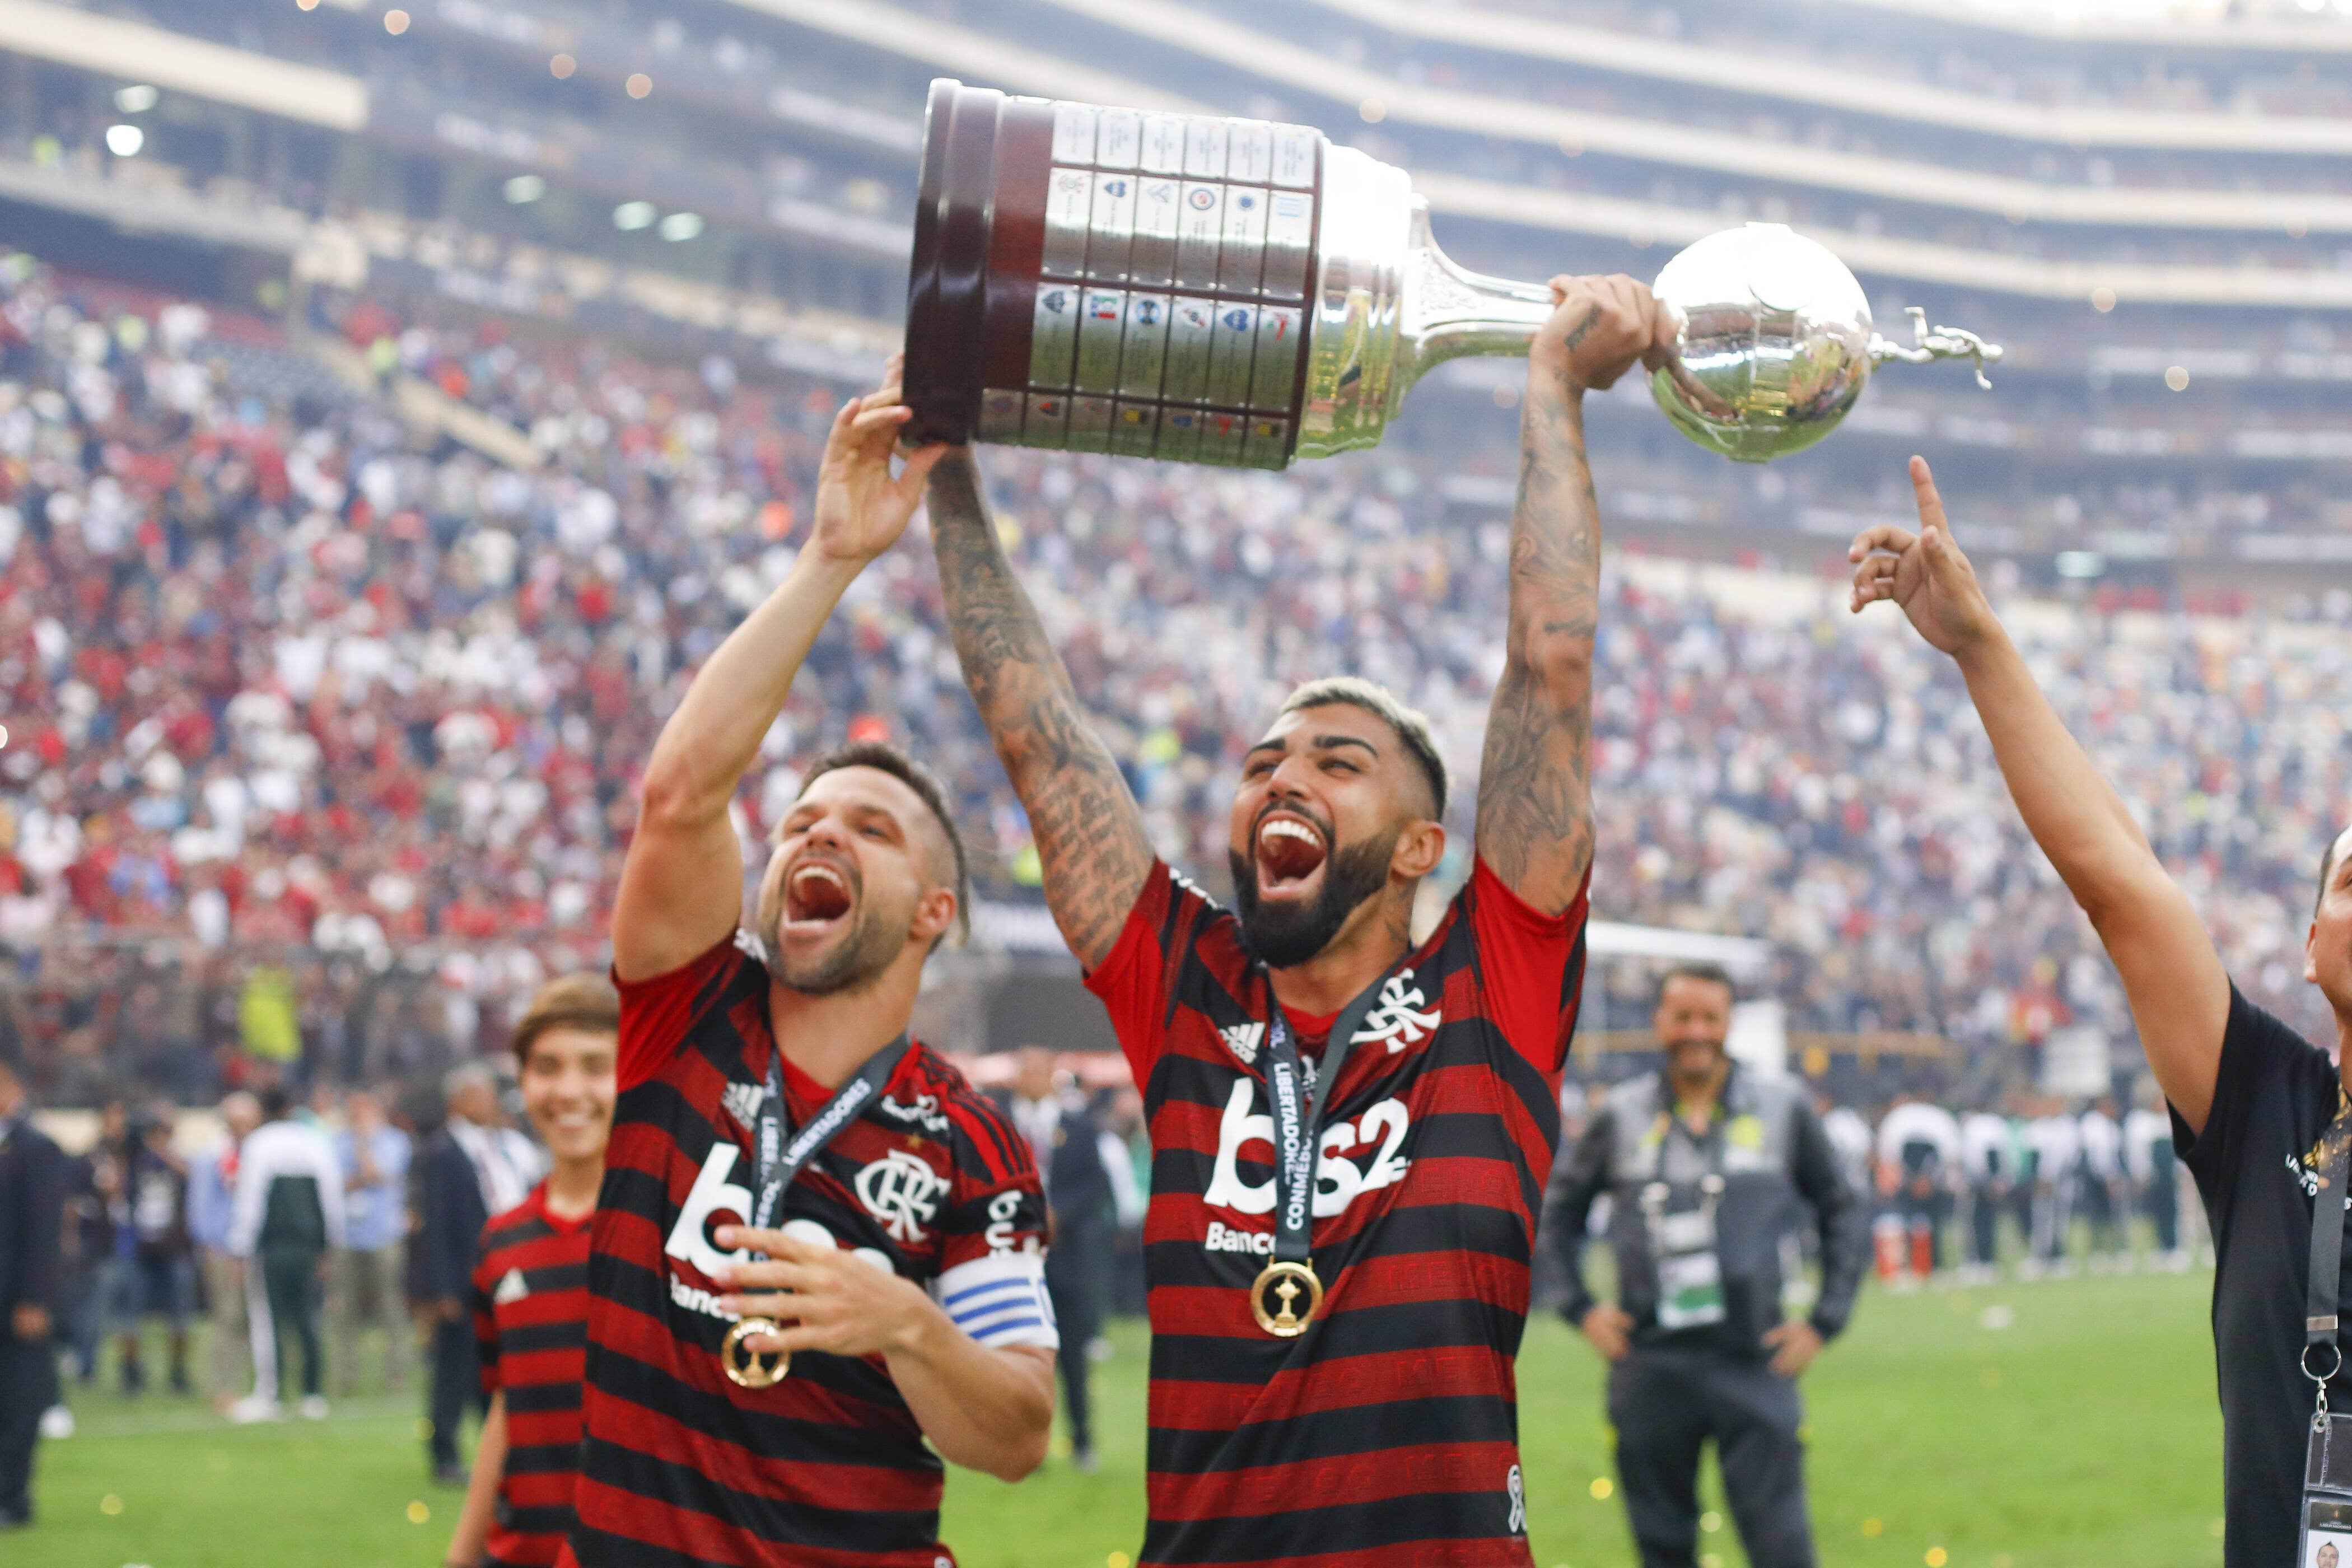 Foto: Ricardo Moreira/Zimel Press/Agencia O Globo